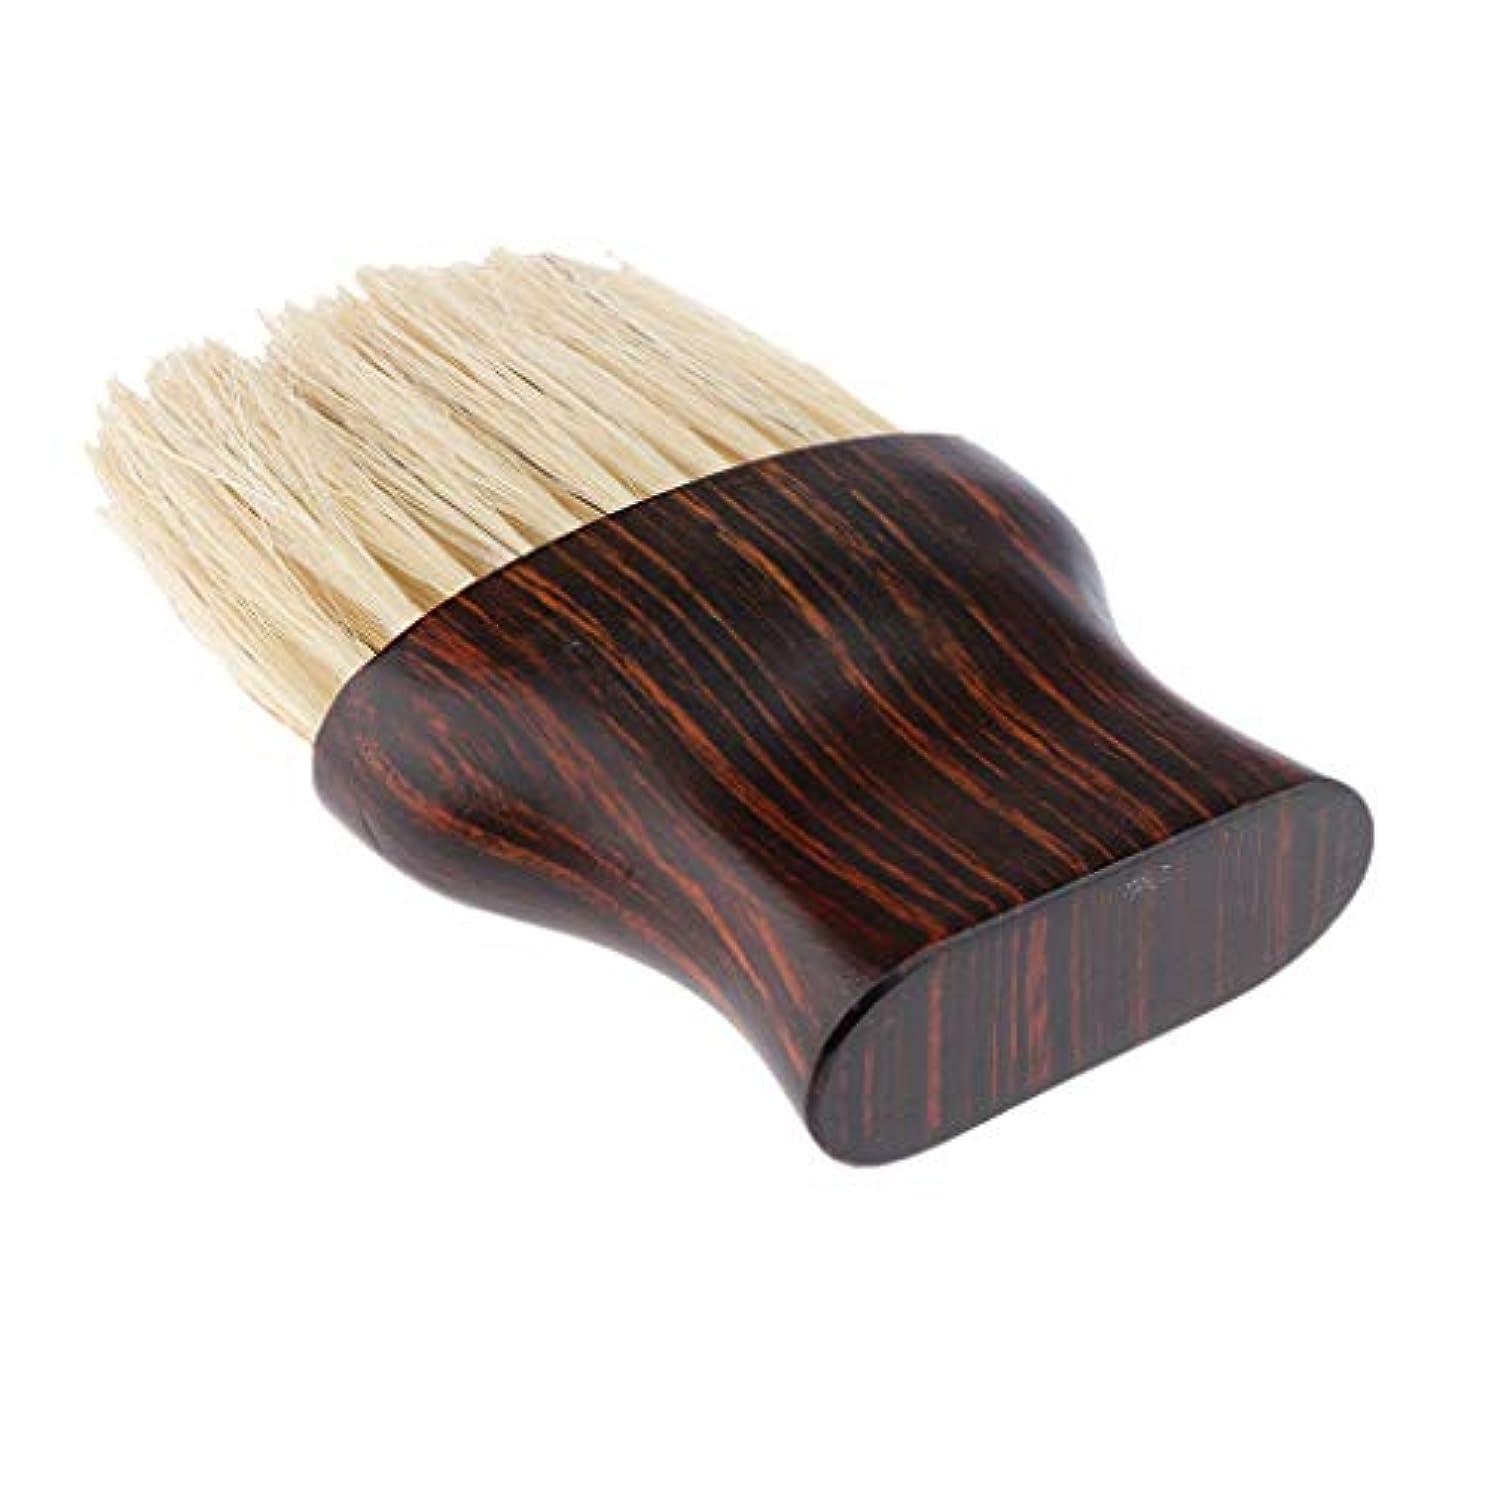 アルファベット順傾向があります近代化SM SunniMix 毛払いブラシ ヘアブラシ 繊維毛 散髪 髪切り 散髪用ツール 床屋 理髪店 美容院 ソフトブラシ